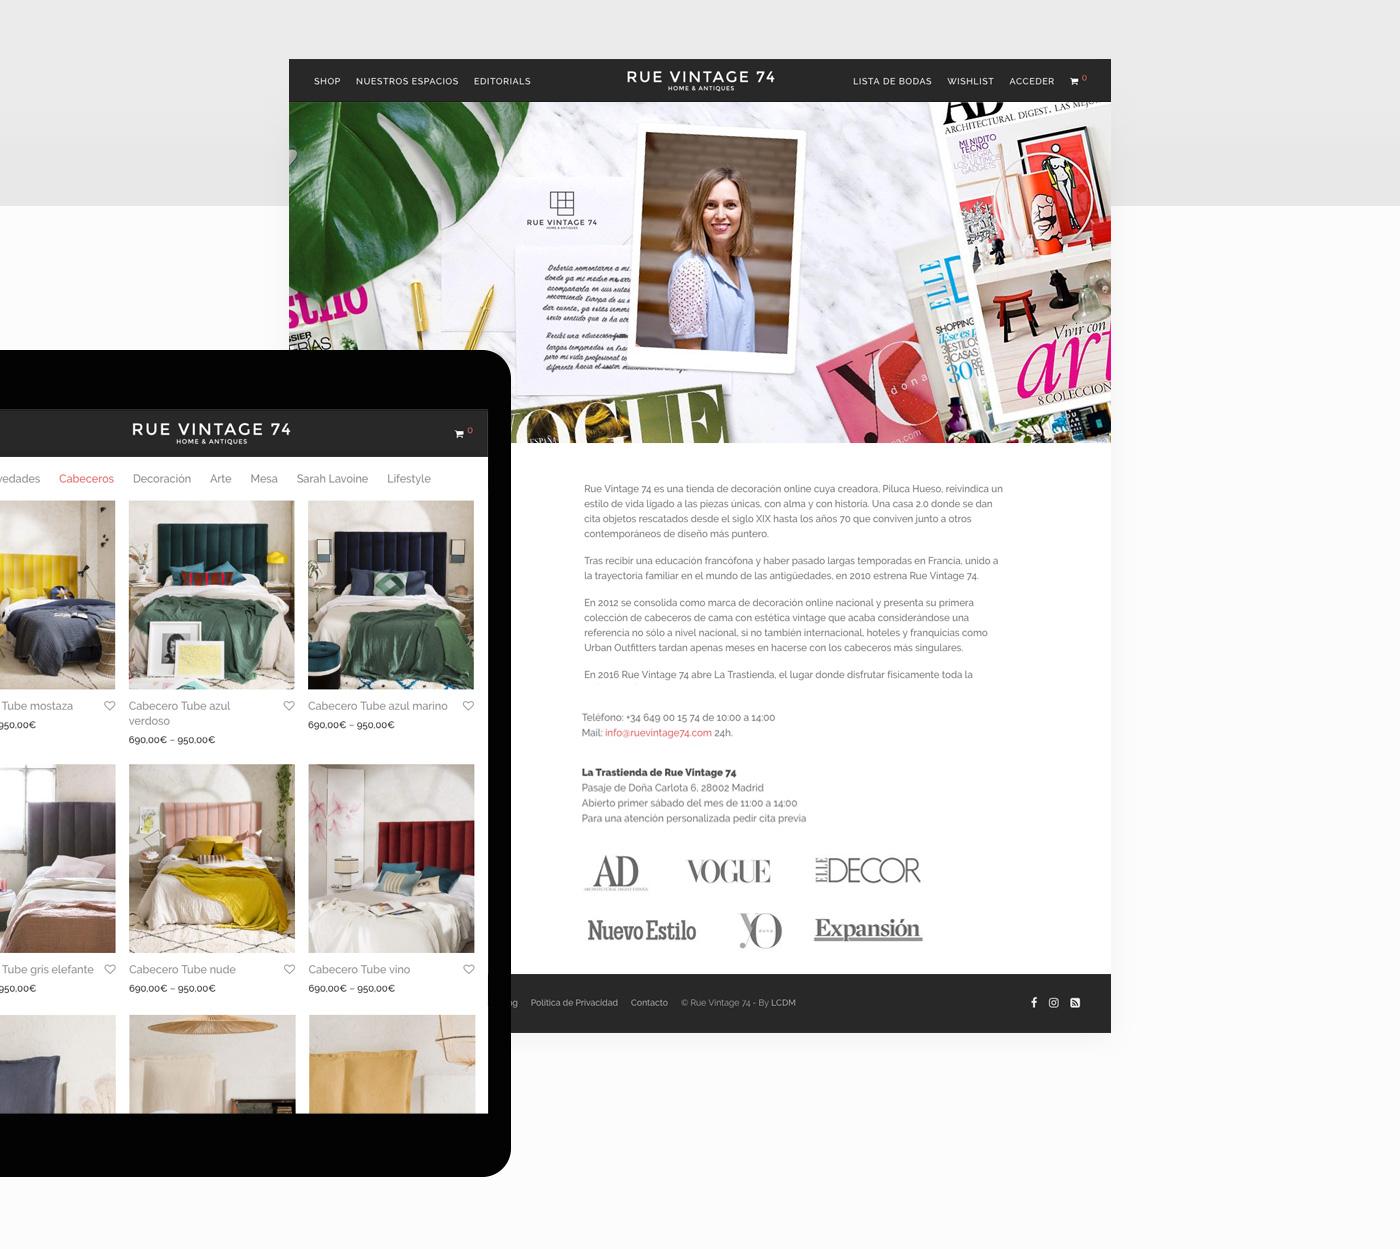 diseño de tienda online decoracion